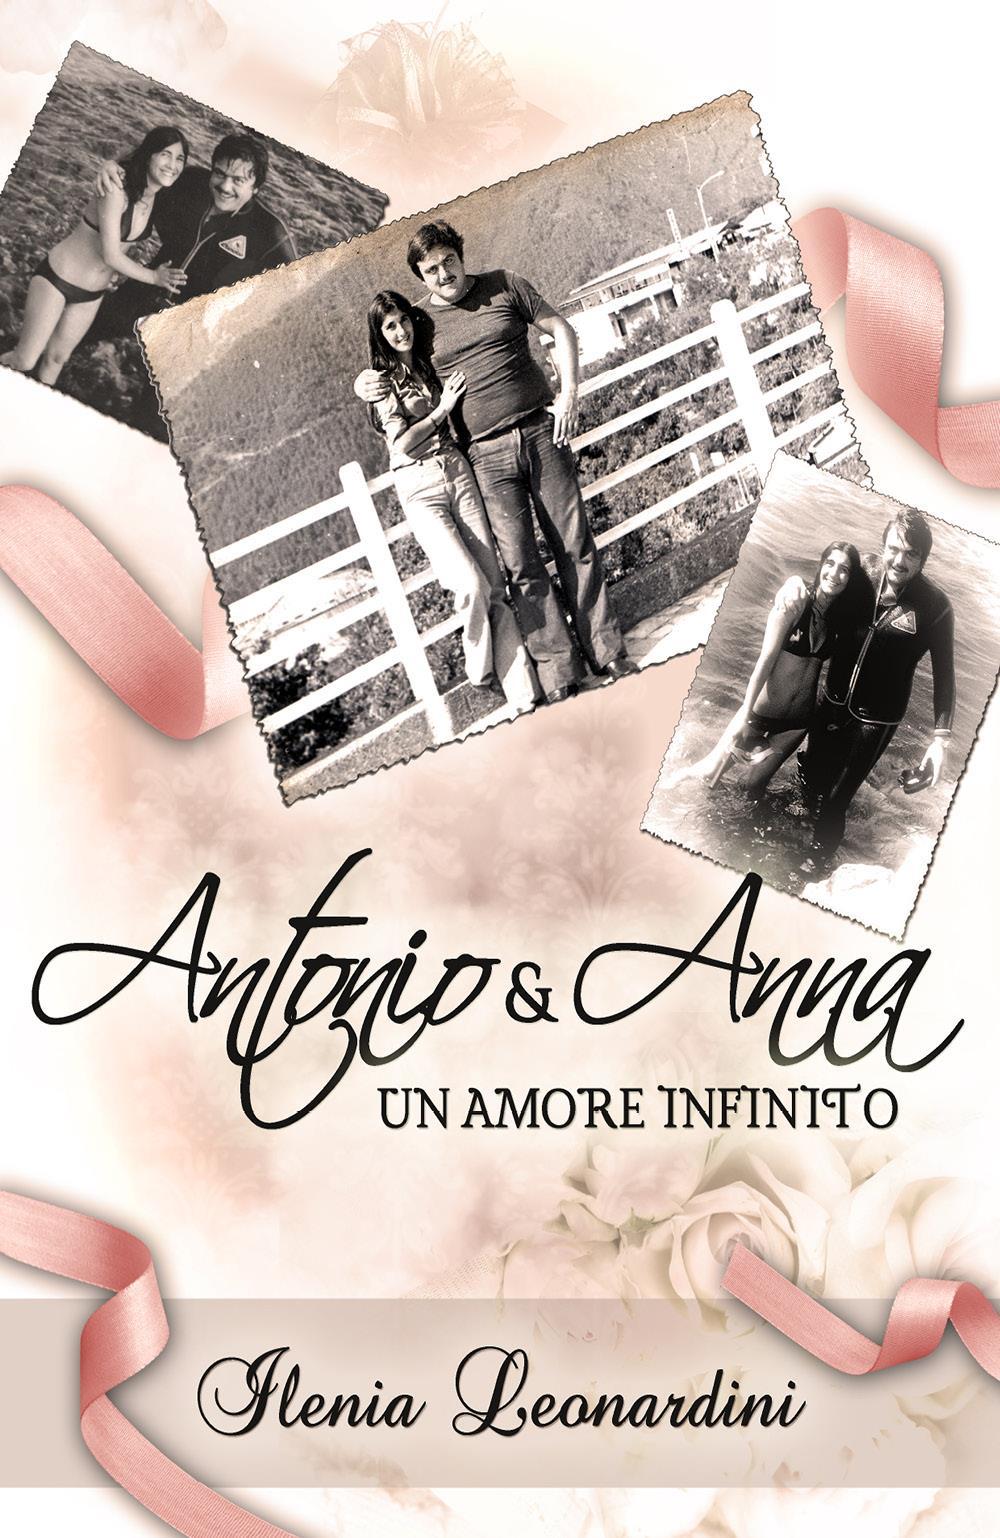 Antonio & anna un amore infinito